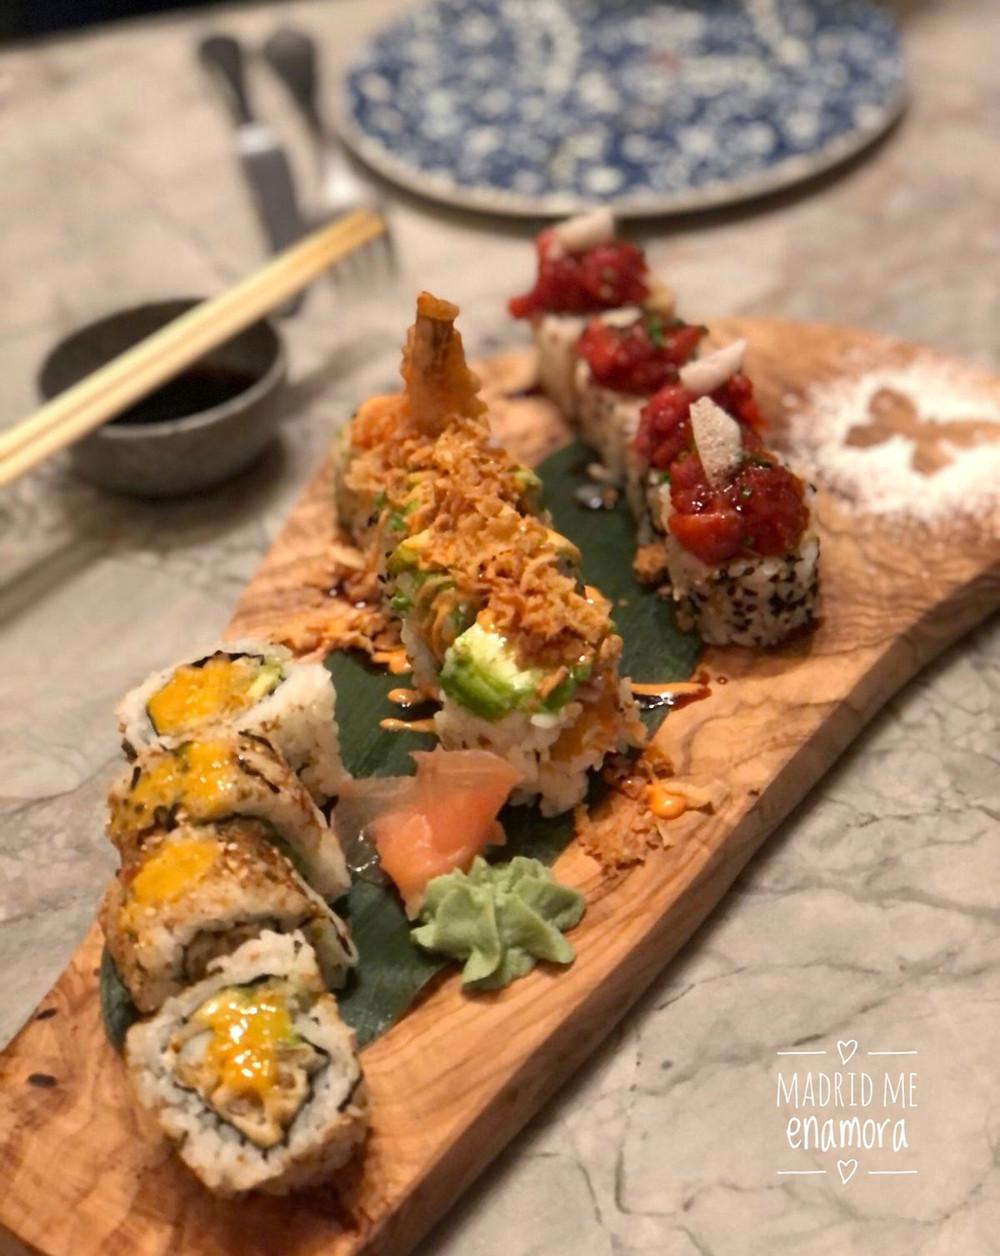 Los uramaki rolls estaban deliciosos.